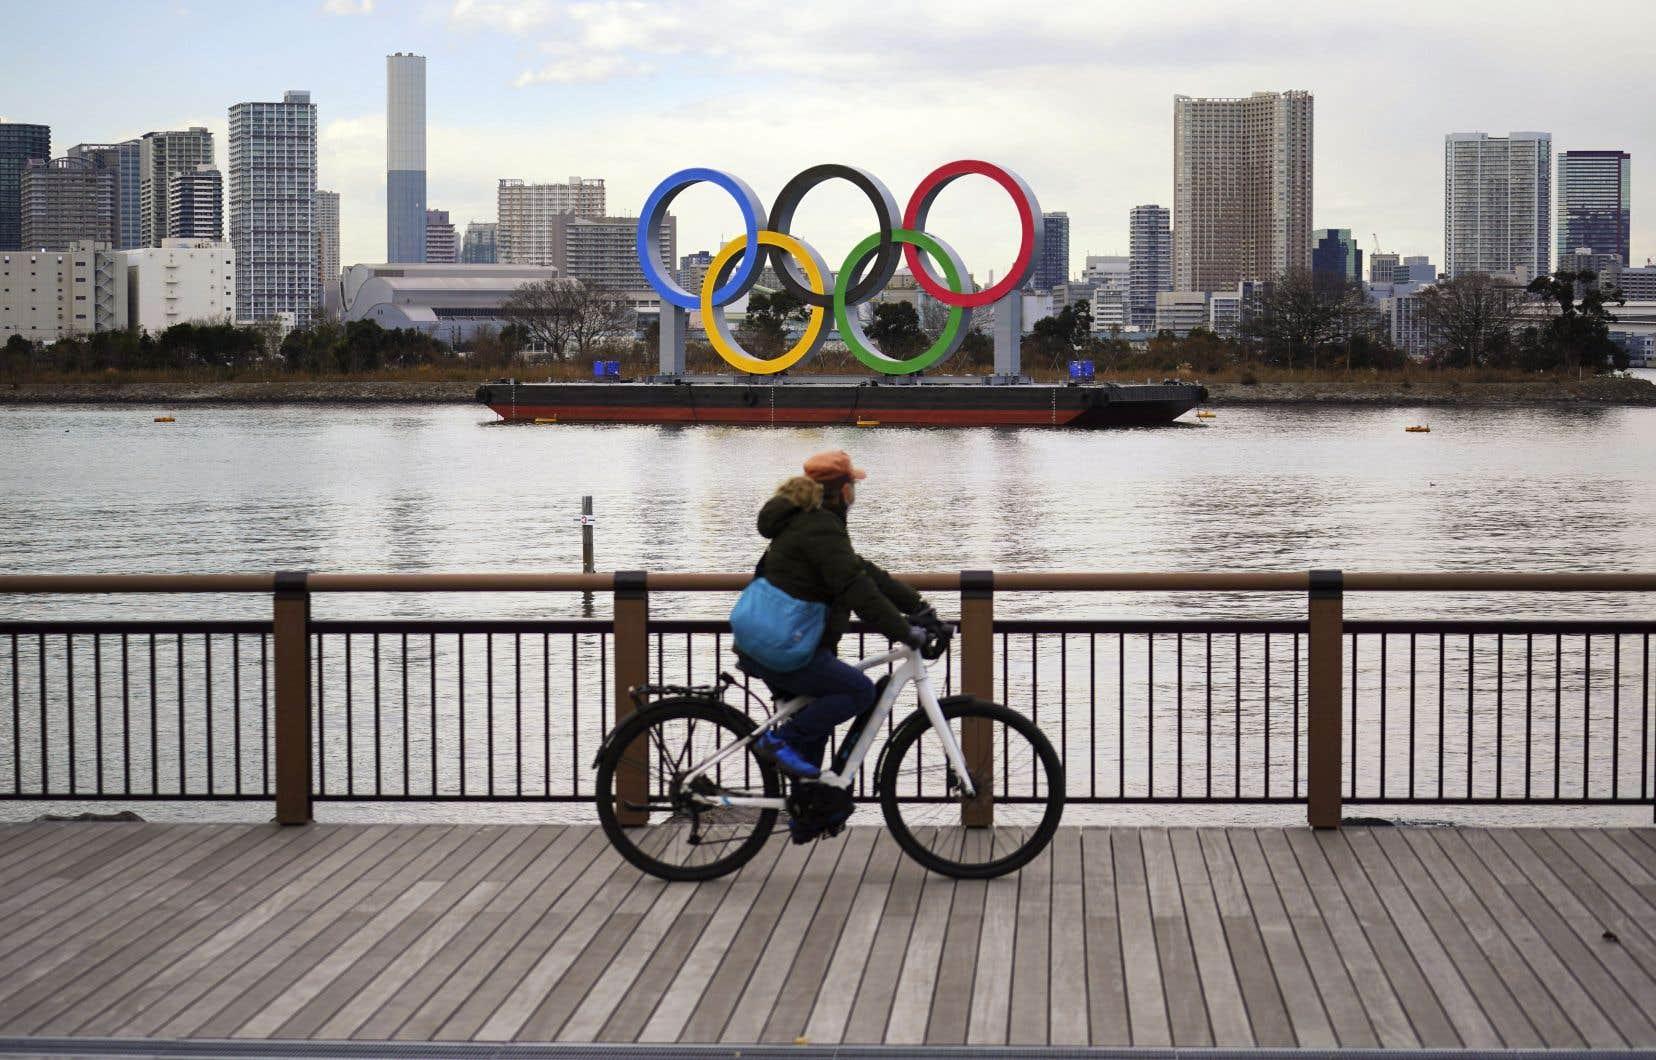 Selon des récents sondage, 80% de la population japonaise estime que les Jeux olympiques de Tokyo devraient être carrément annulés.